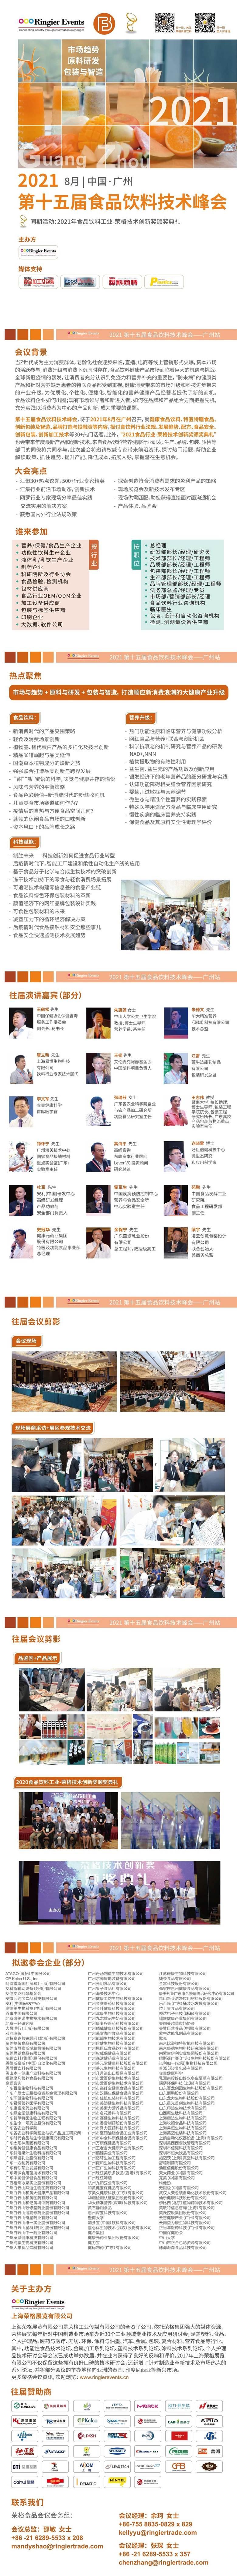 food conf brochure.jpg